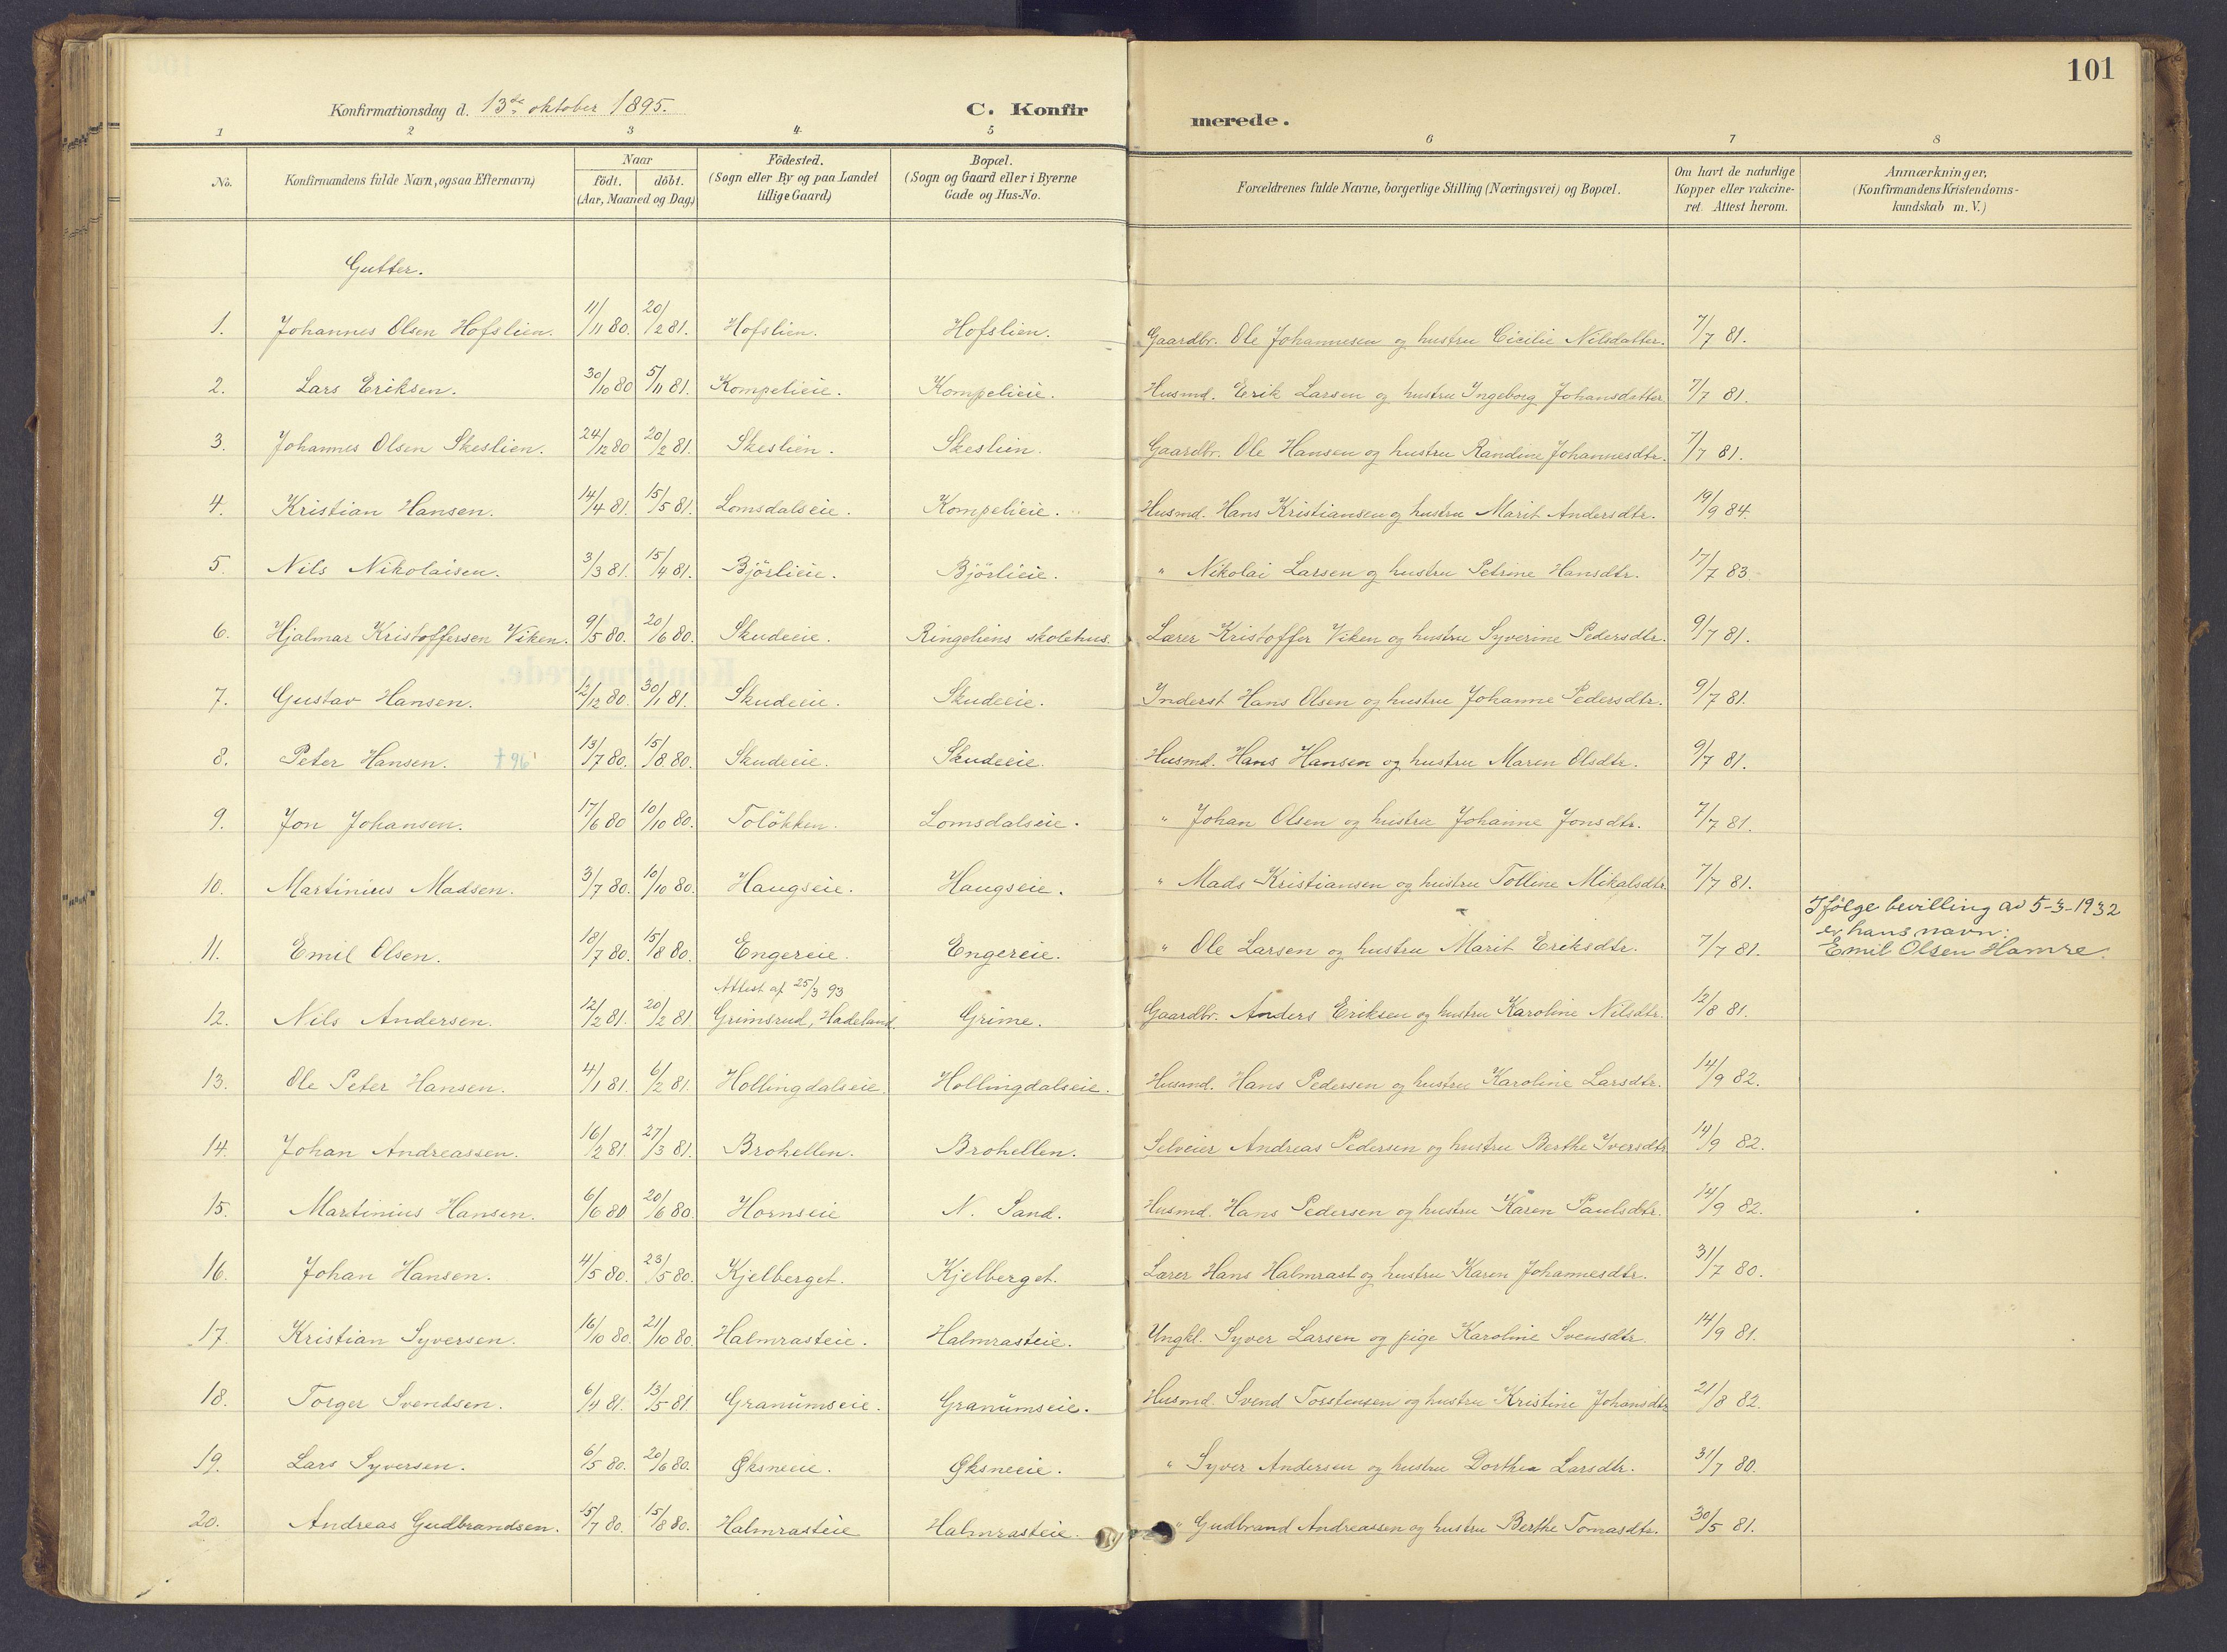 SAH, Søndre Land prestekontor, K/L0006: Ministerialbok nr. 6, 1895-1904, s. 101